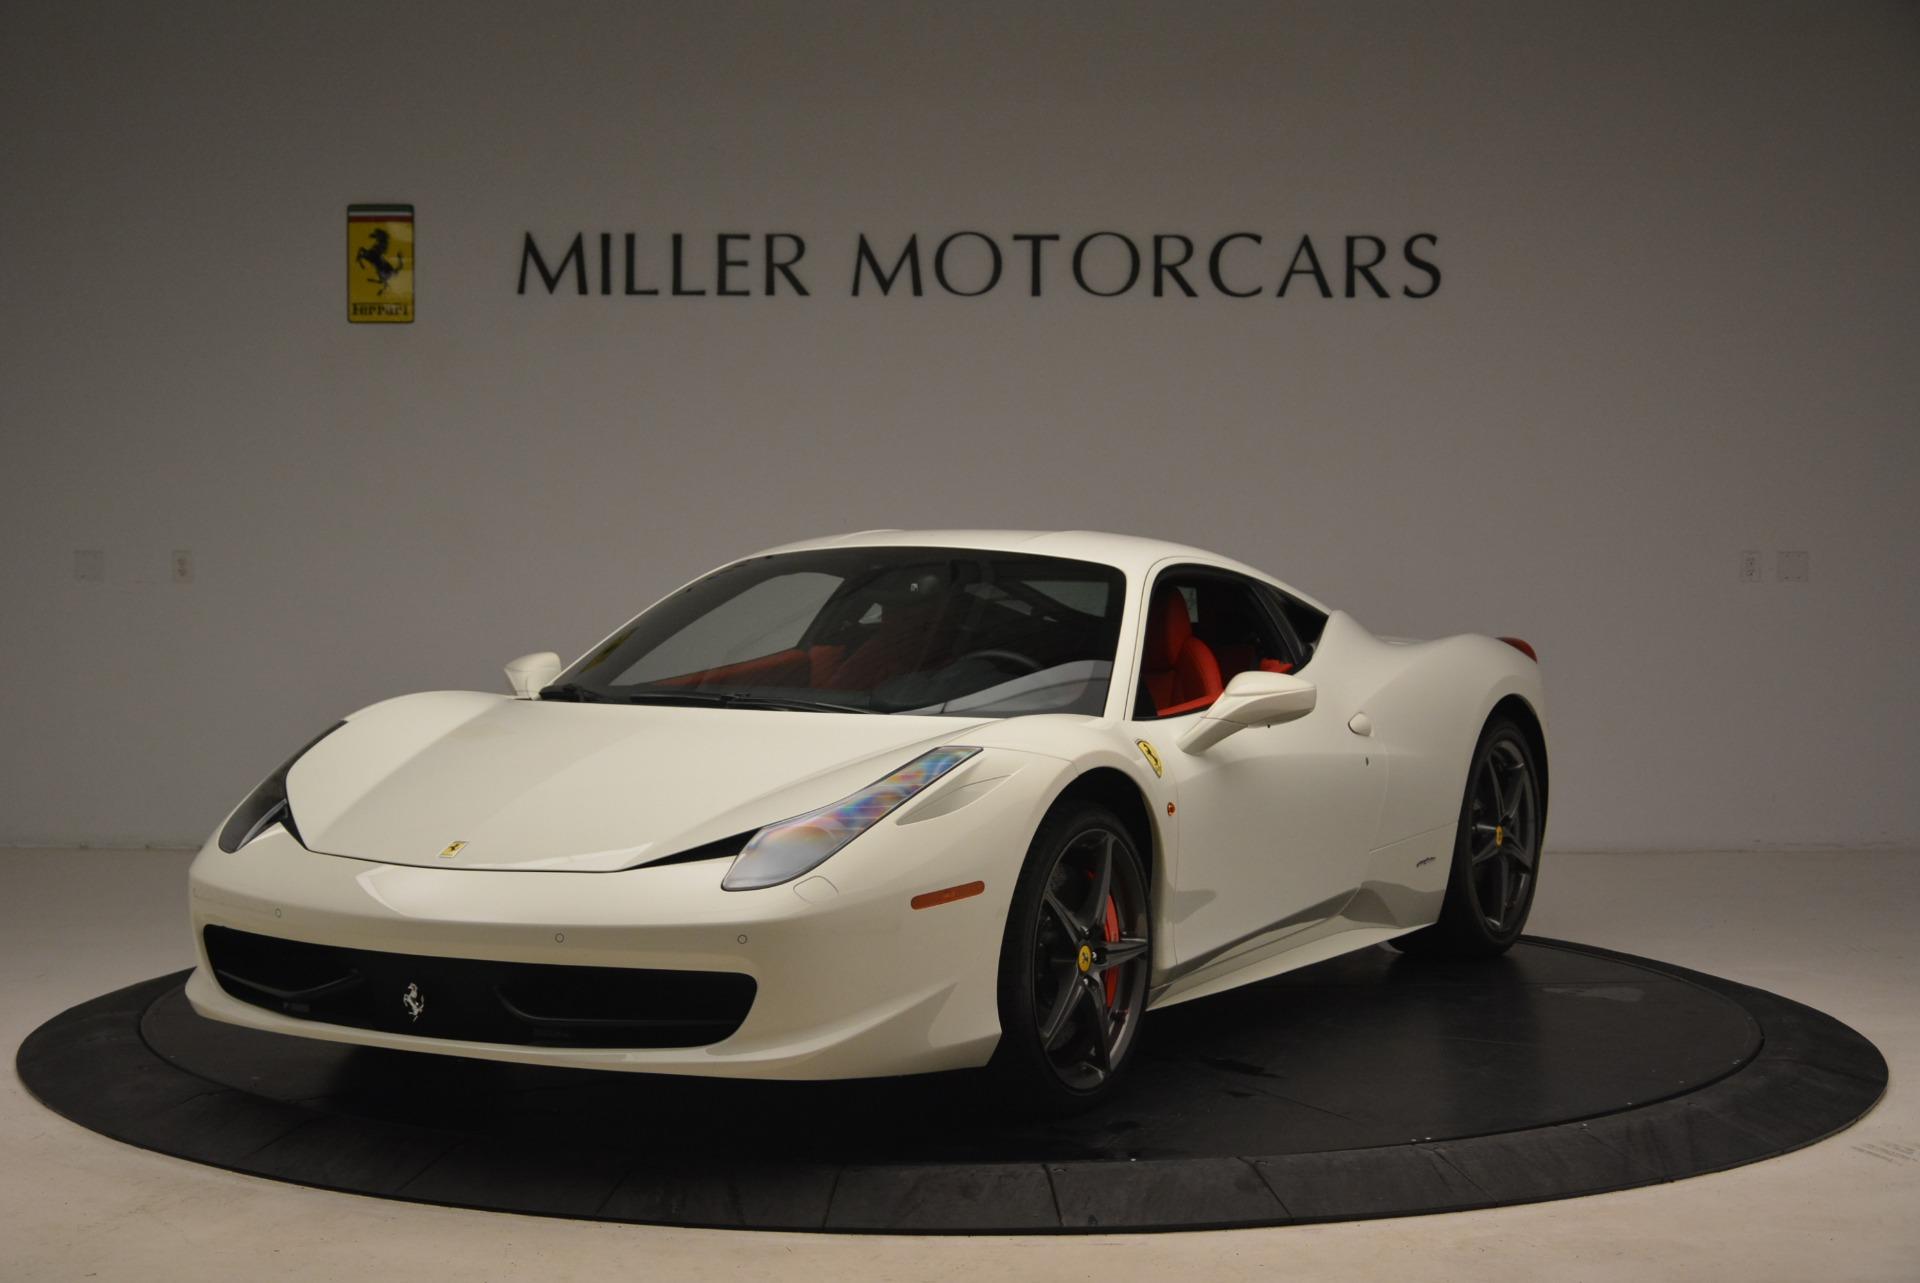 Used 2014 Ferrari 458 Italia for sale Sold at Aston Martin of Greenwich in Greenwich CT 06830 1